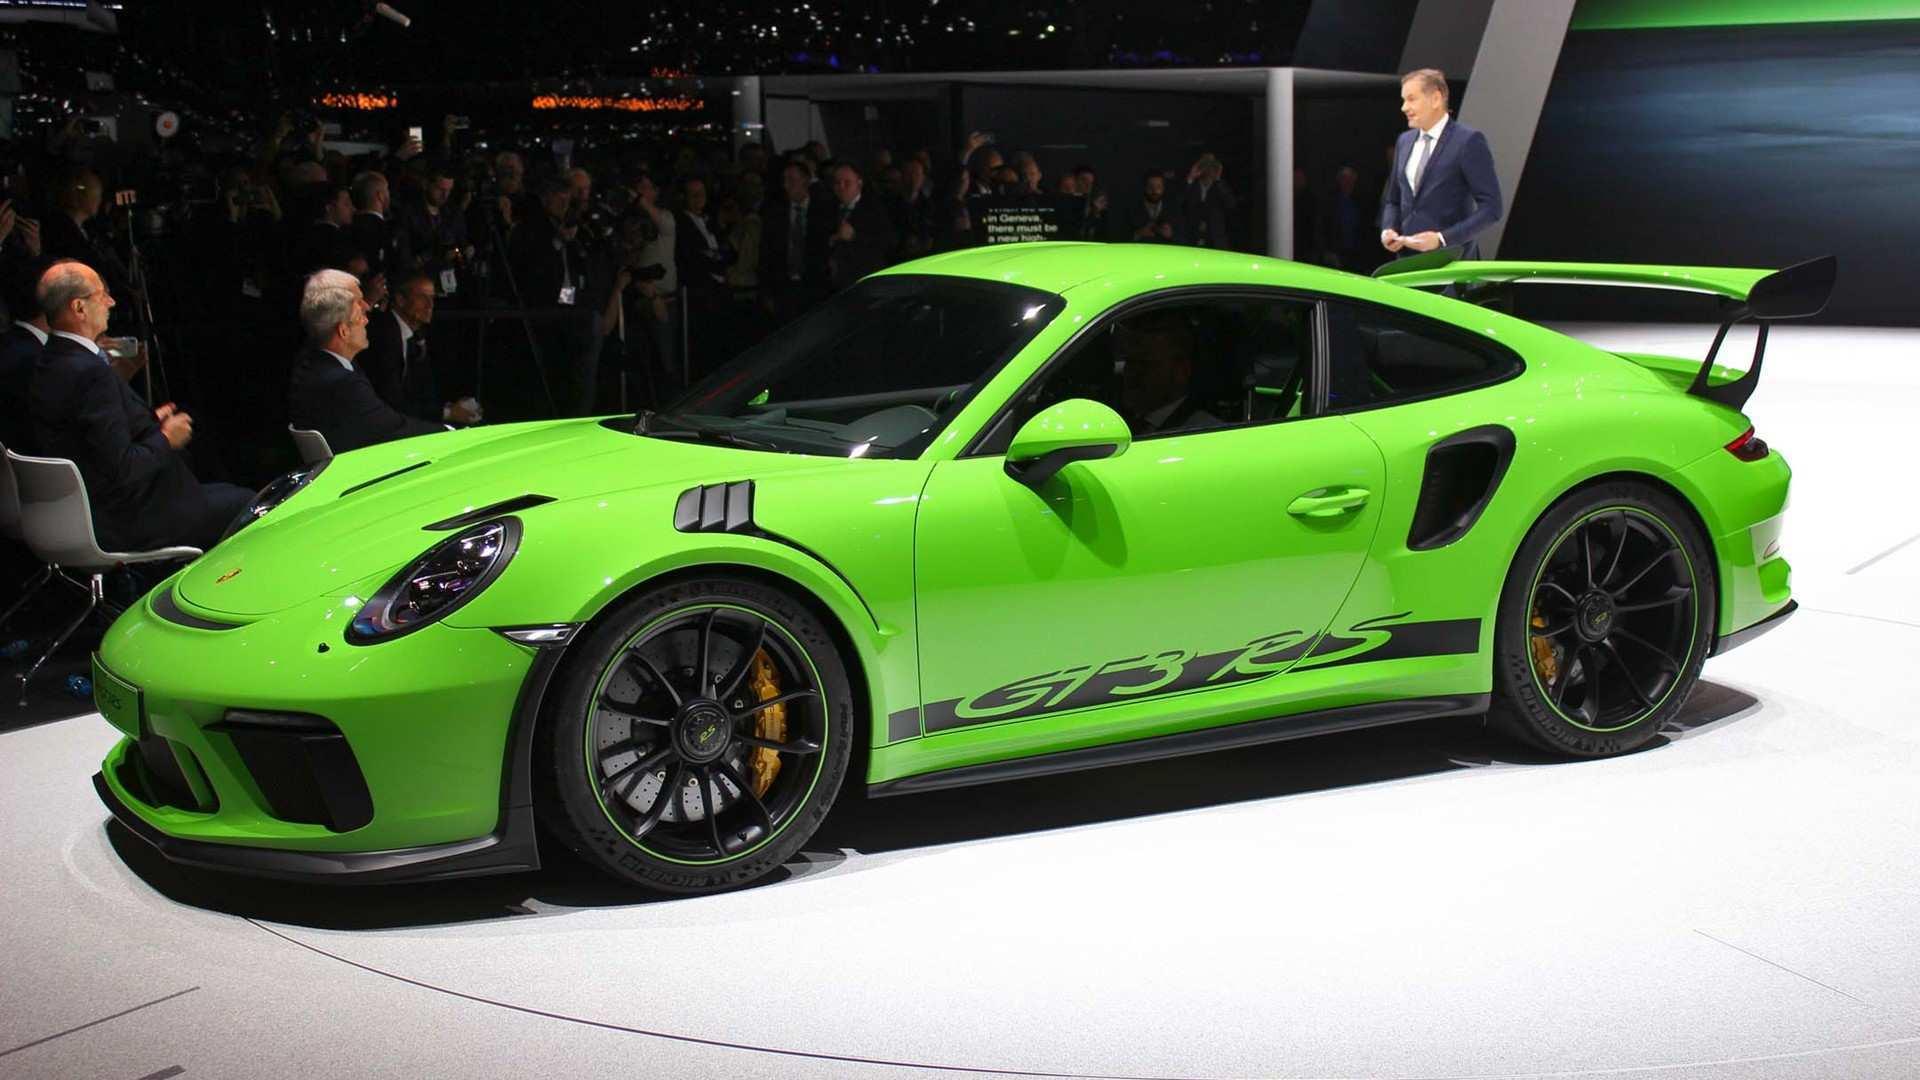 91 All New 2019 Porsche 911 Gt3 Rs Rumors for 2019 Porsche 911 Gt3 Rs